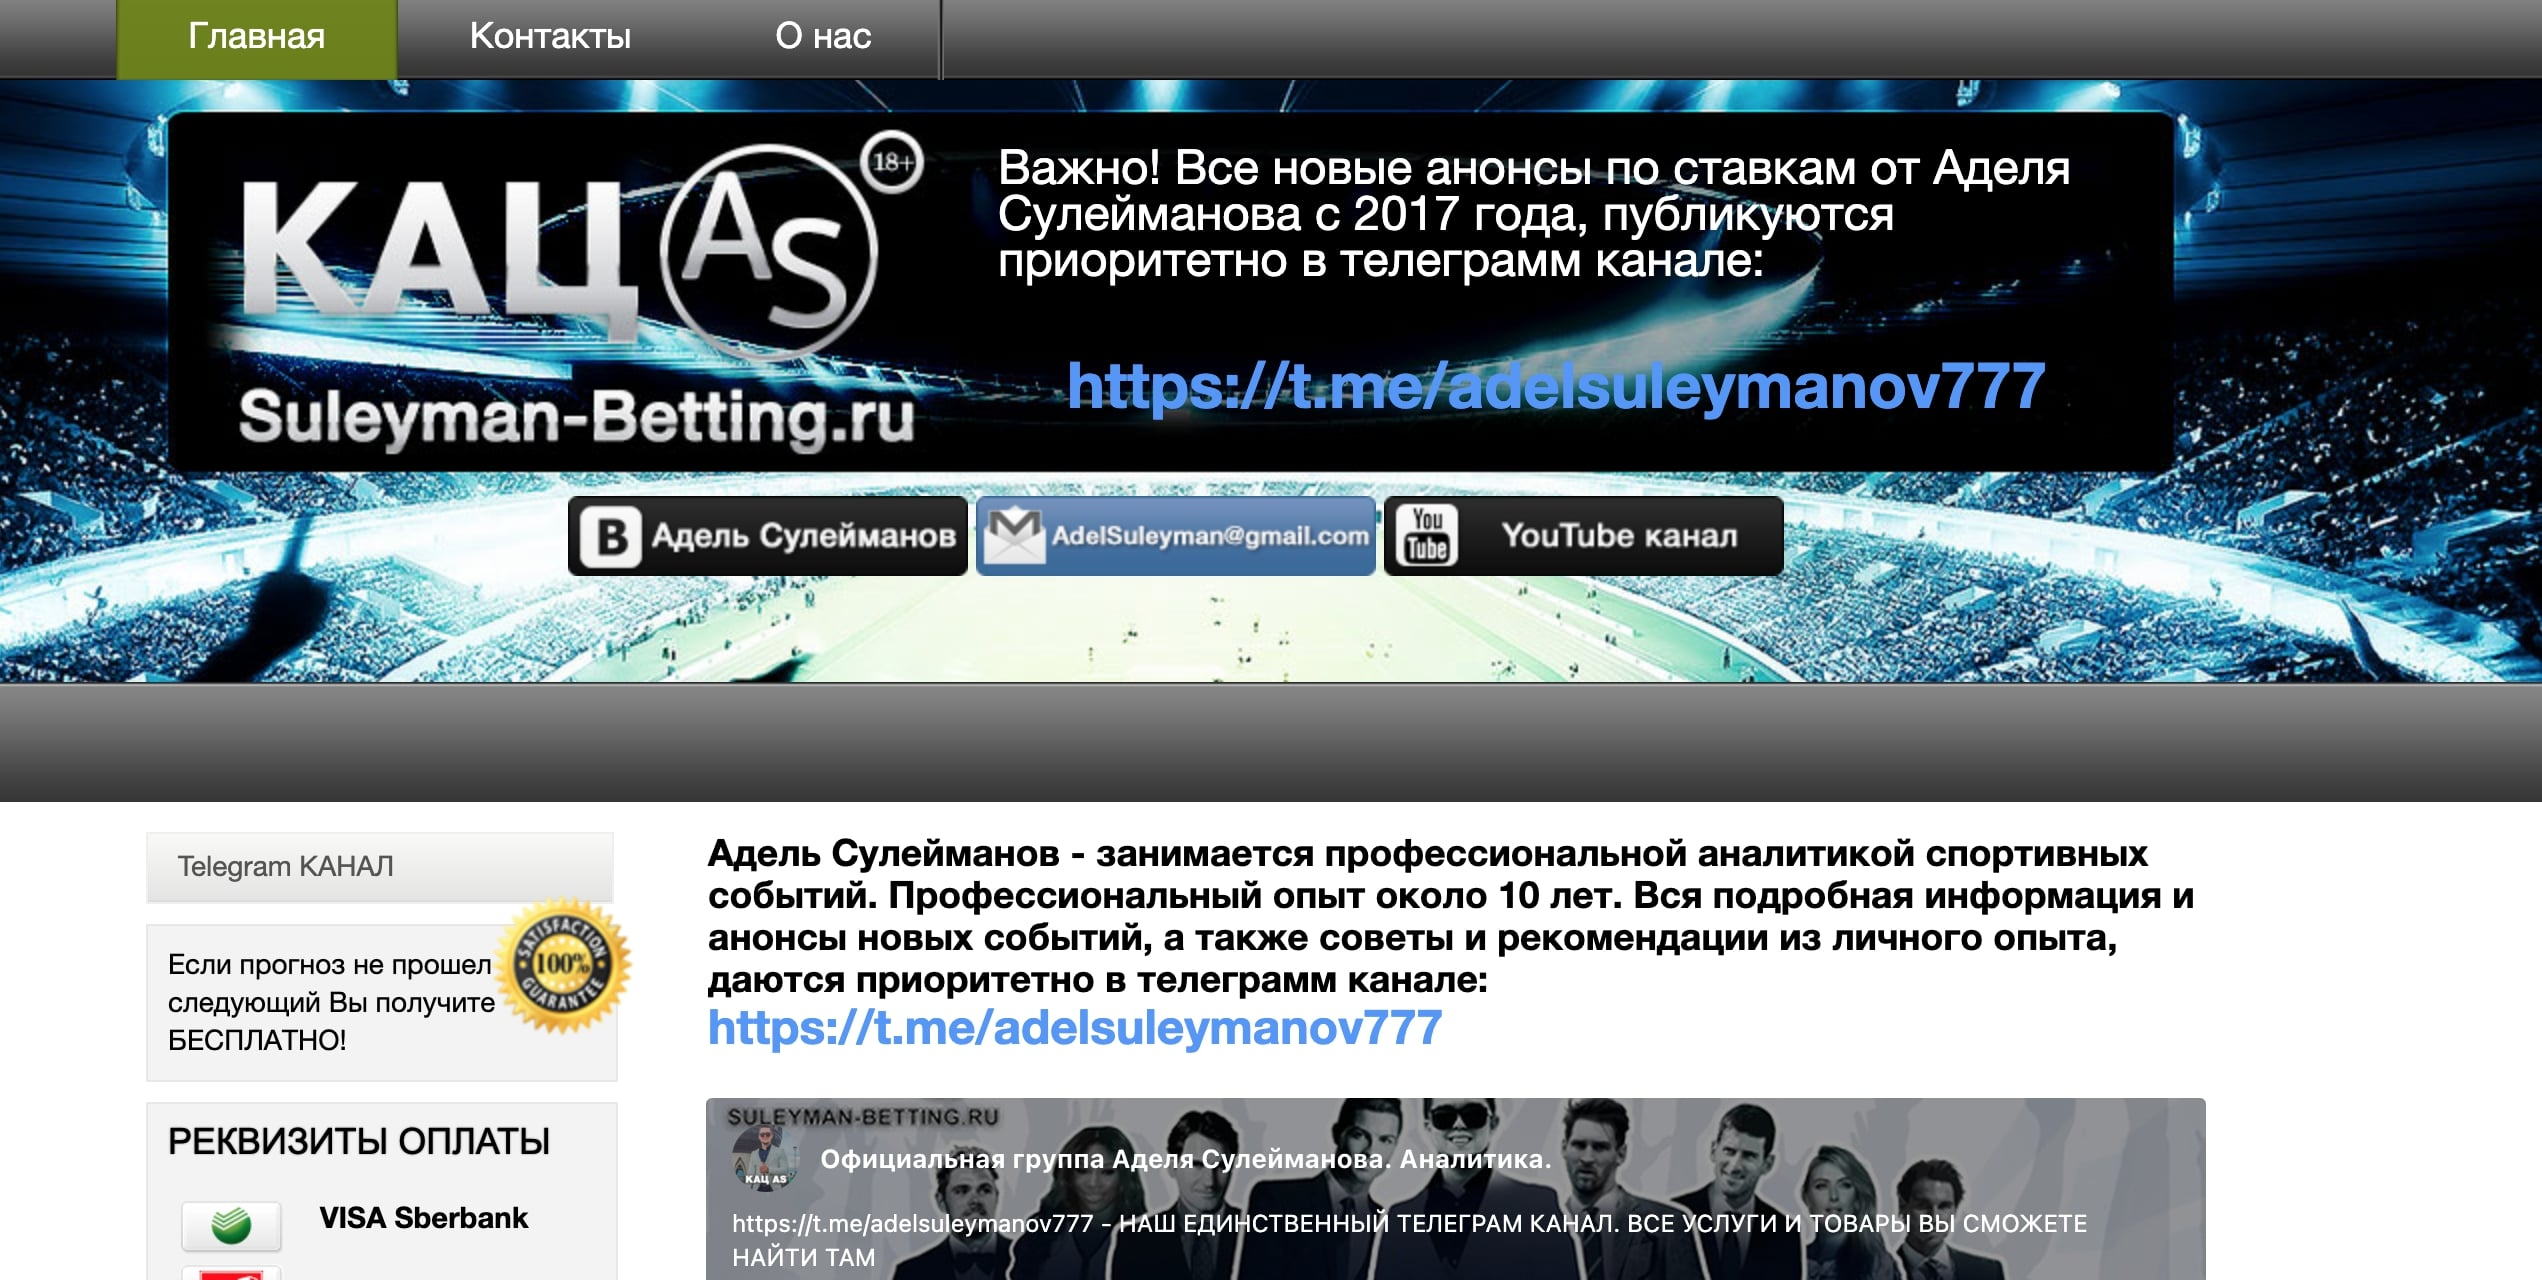 Главная страница сайта Suleyman Betting ru (Каппер Адель Сулейманов)